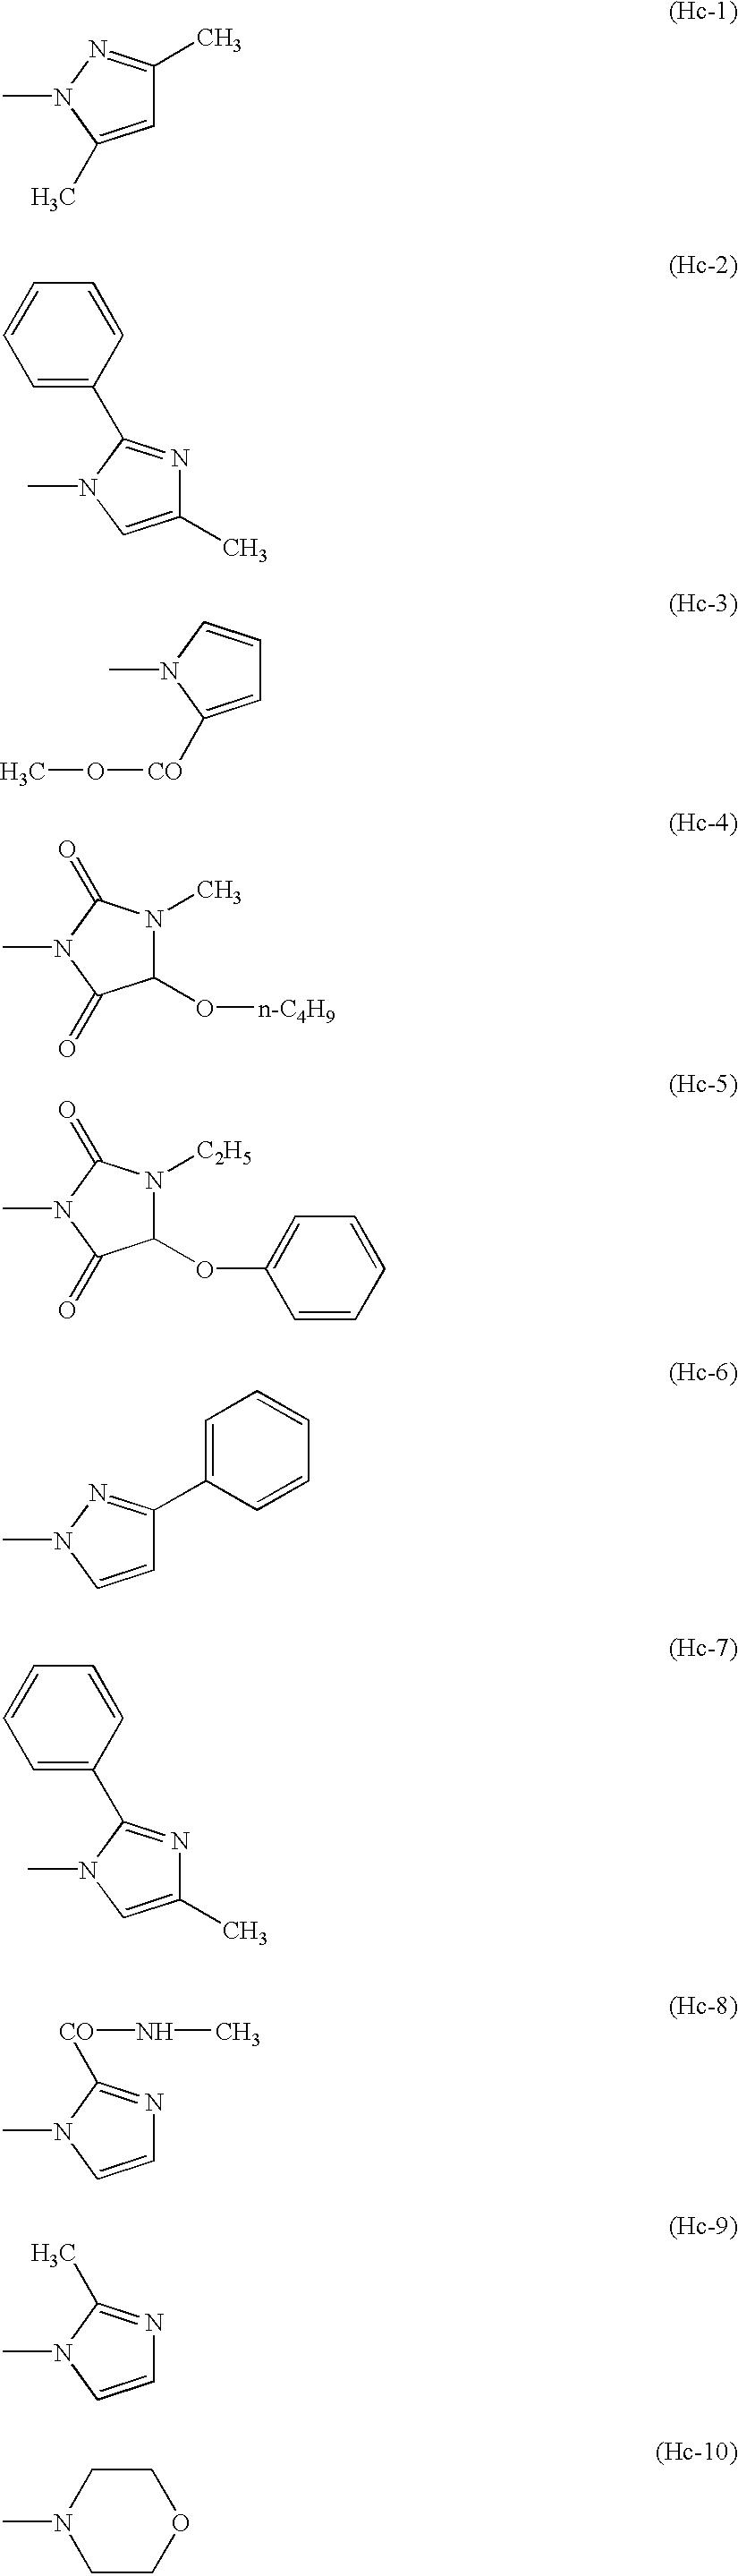 Figure US06630973-20031007-C00002